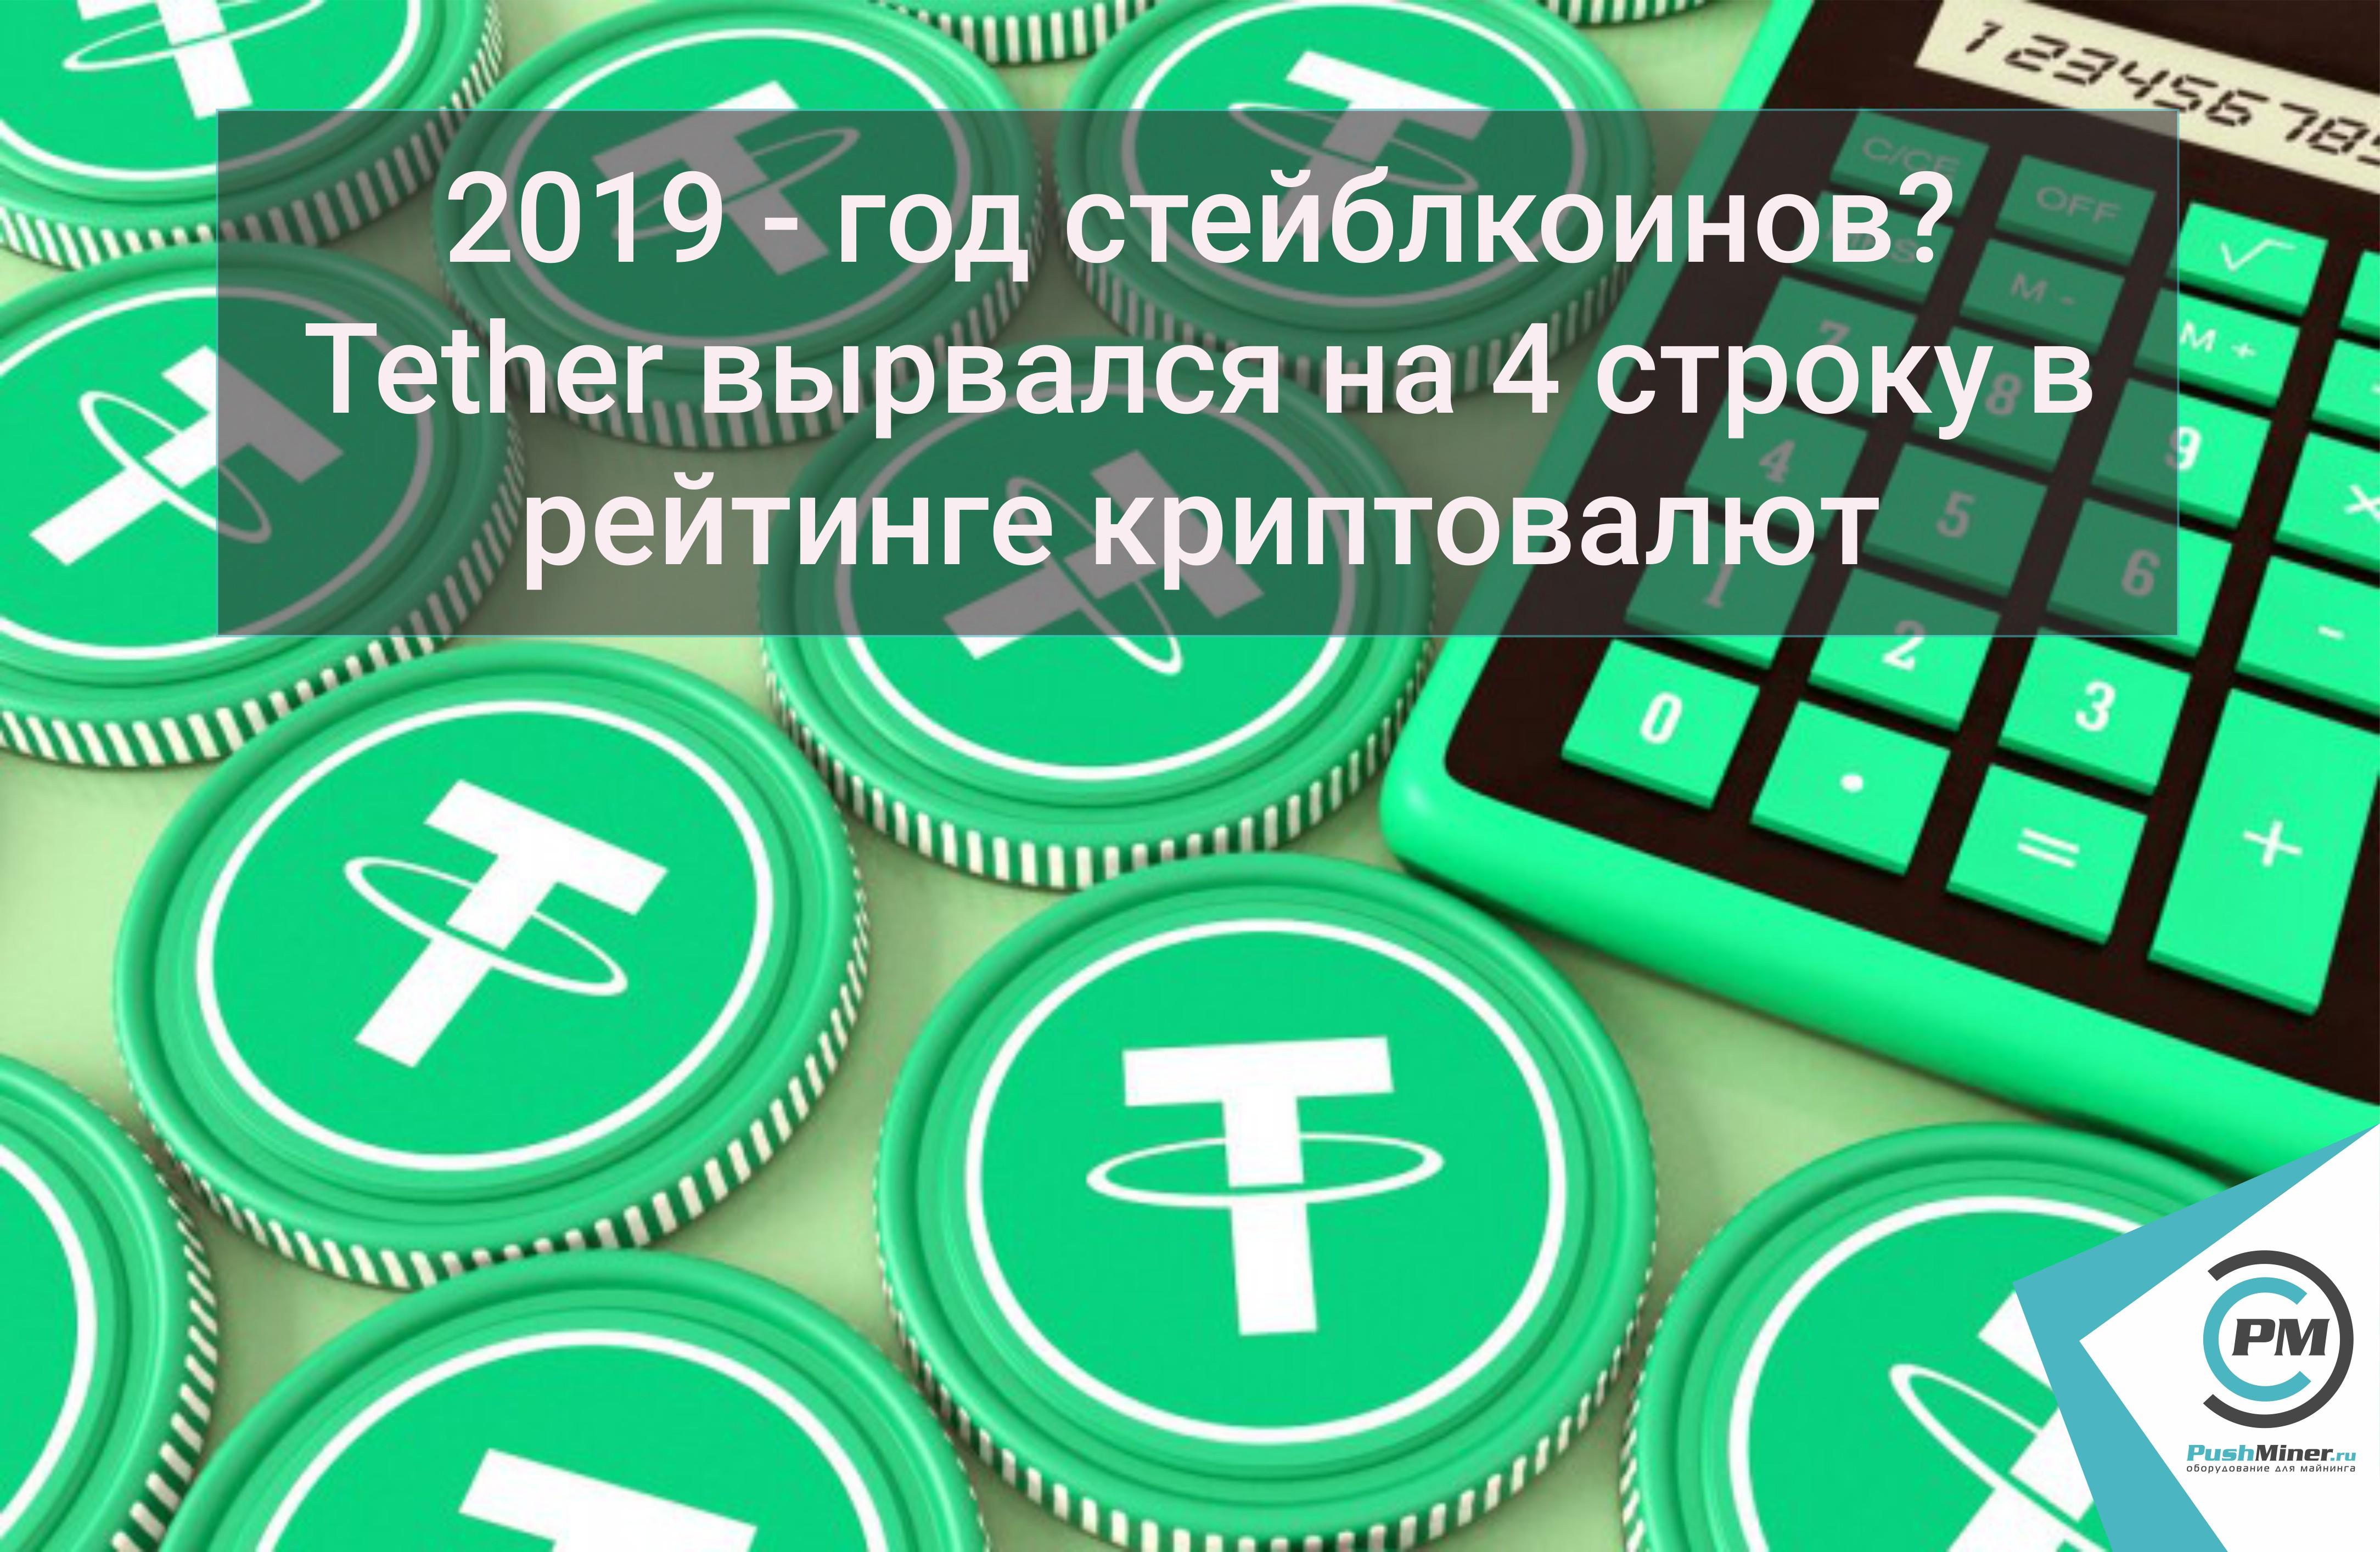 2019 - год стейблкоинов? Tether вырвался на 4 строку в рейтинге криптовалют